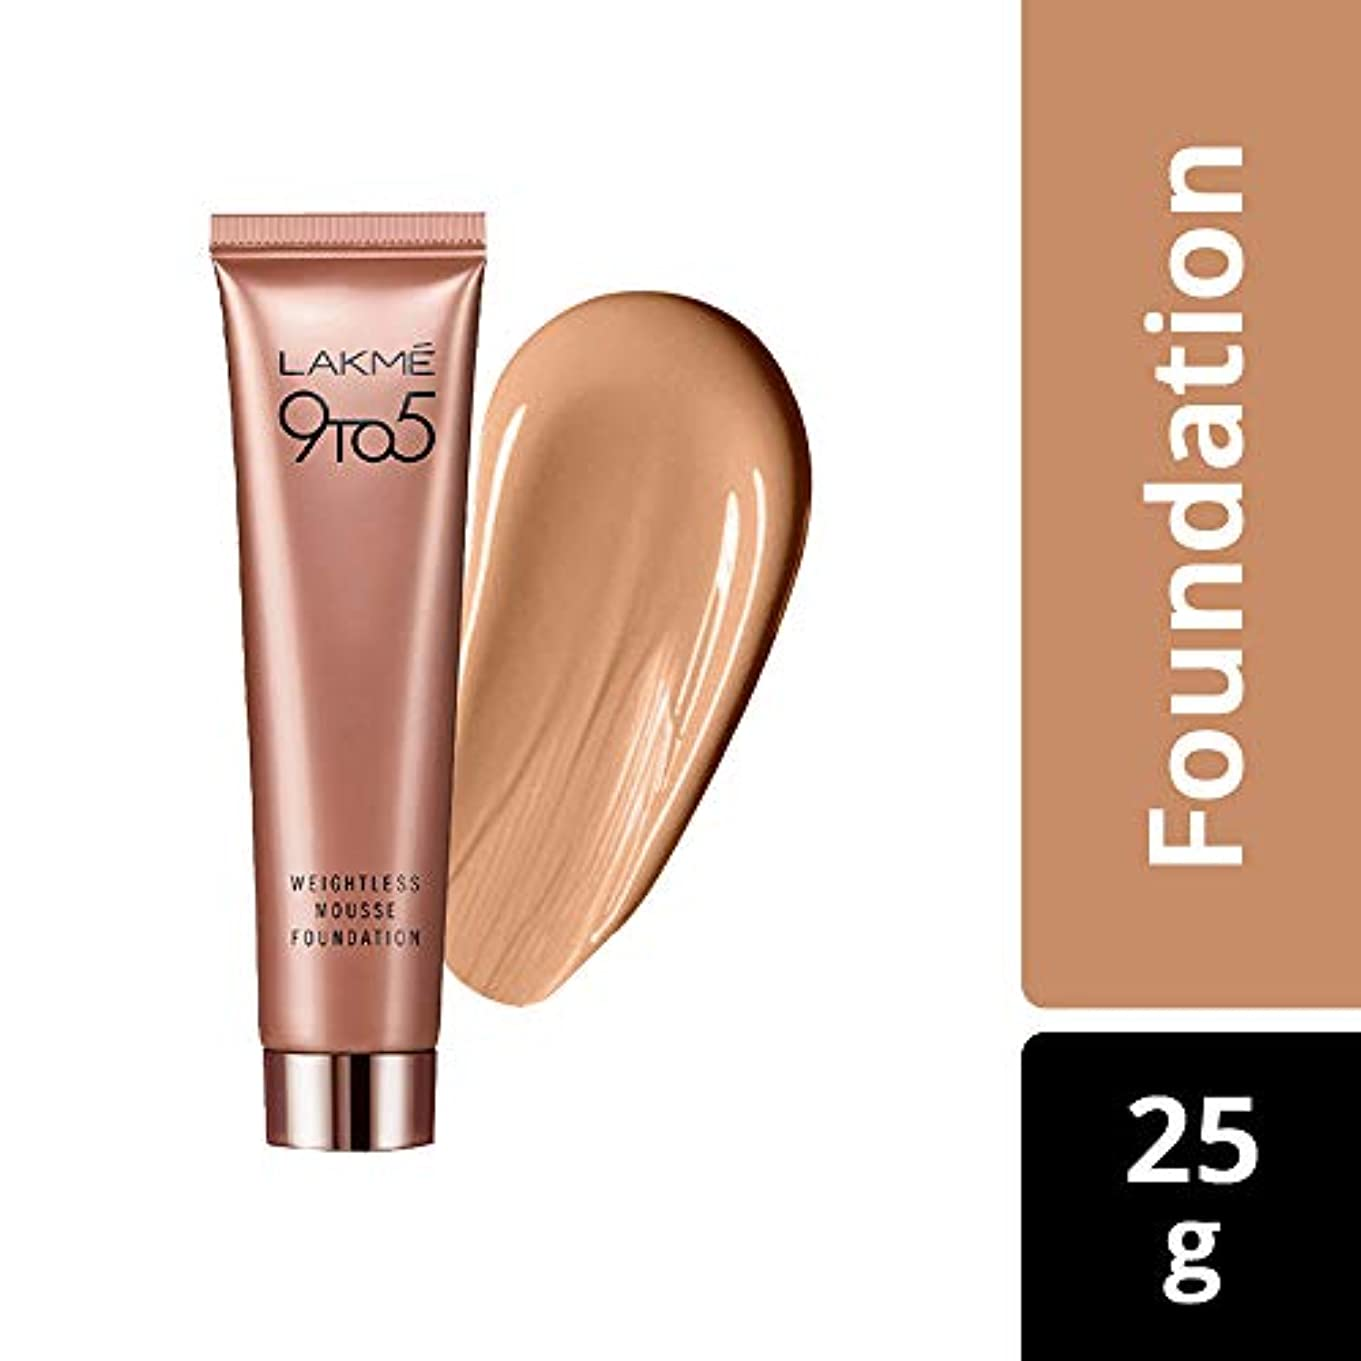 リゾート目の前のオデュッセウスLakme 9 to 5 Weightless Mousse Foundation, Rose Ivory, 29 g